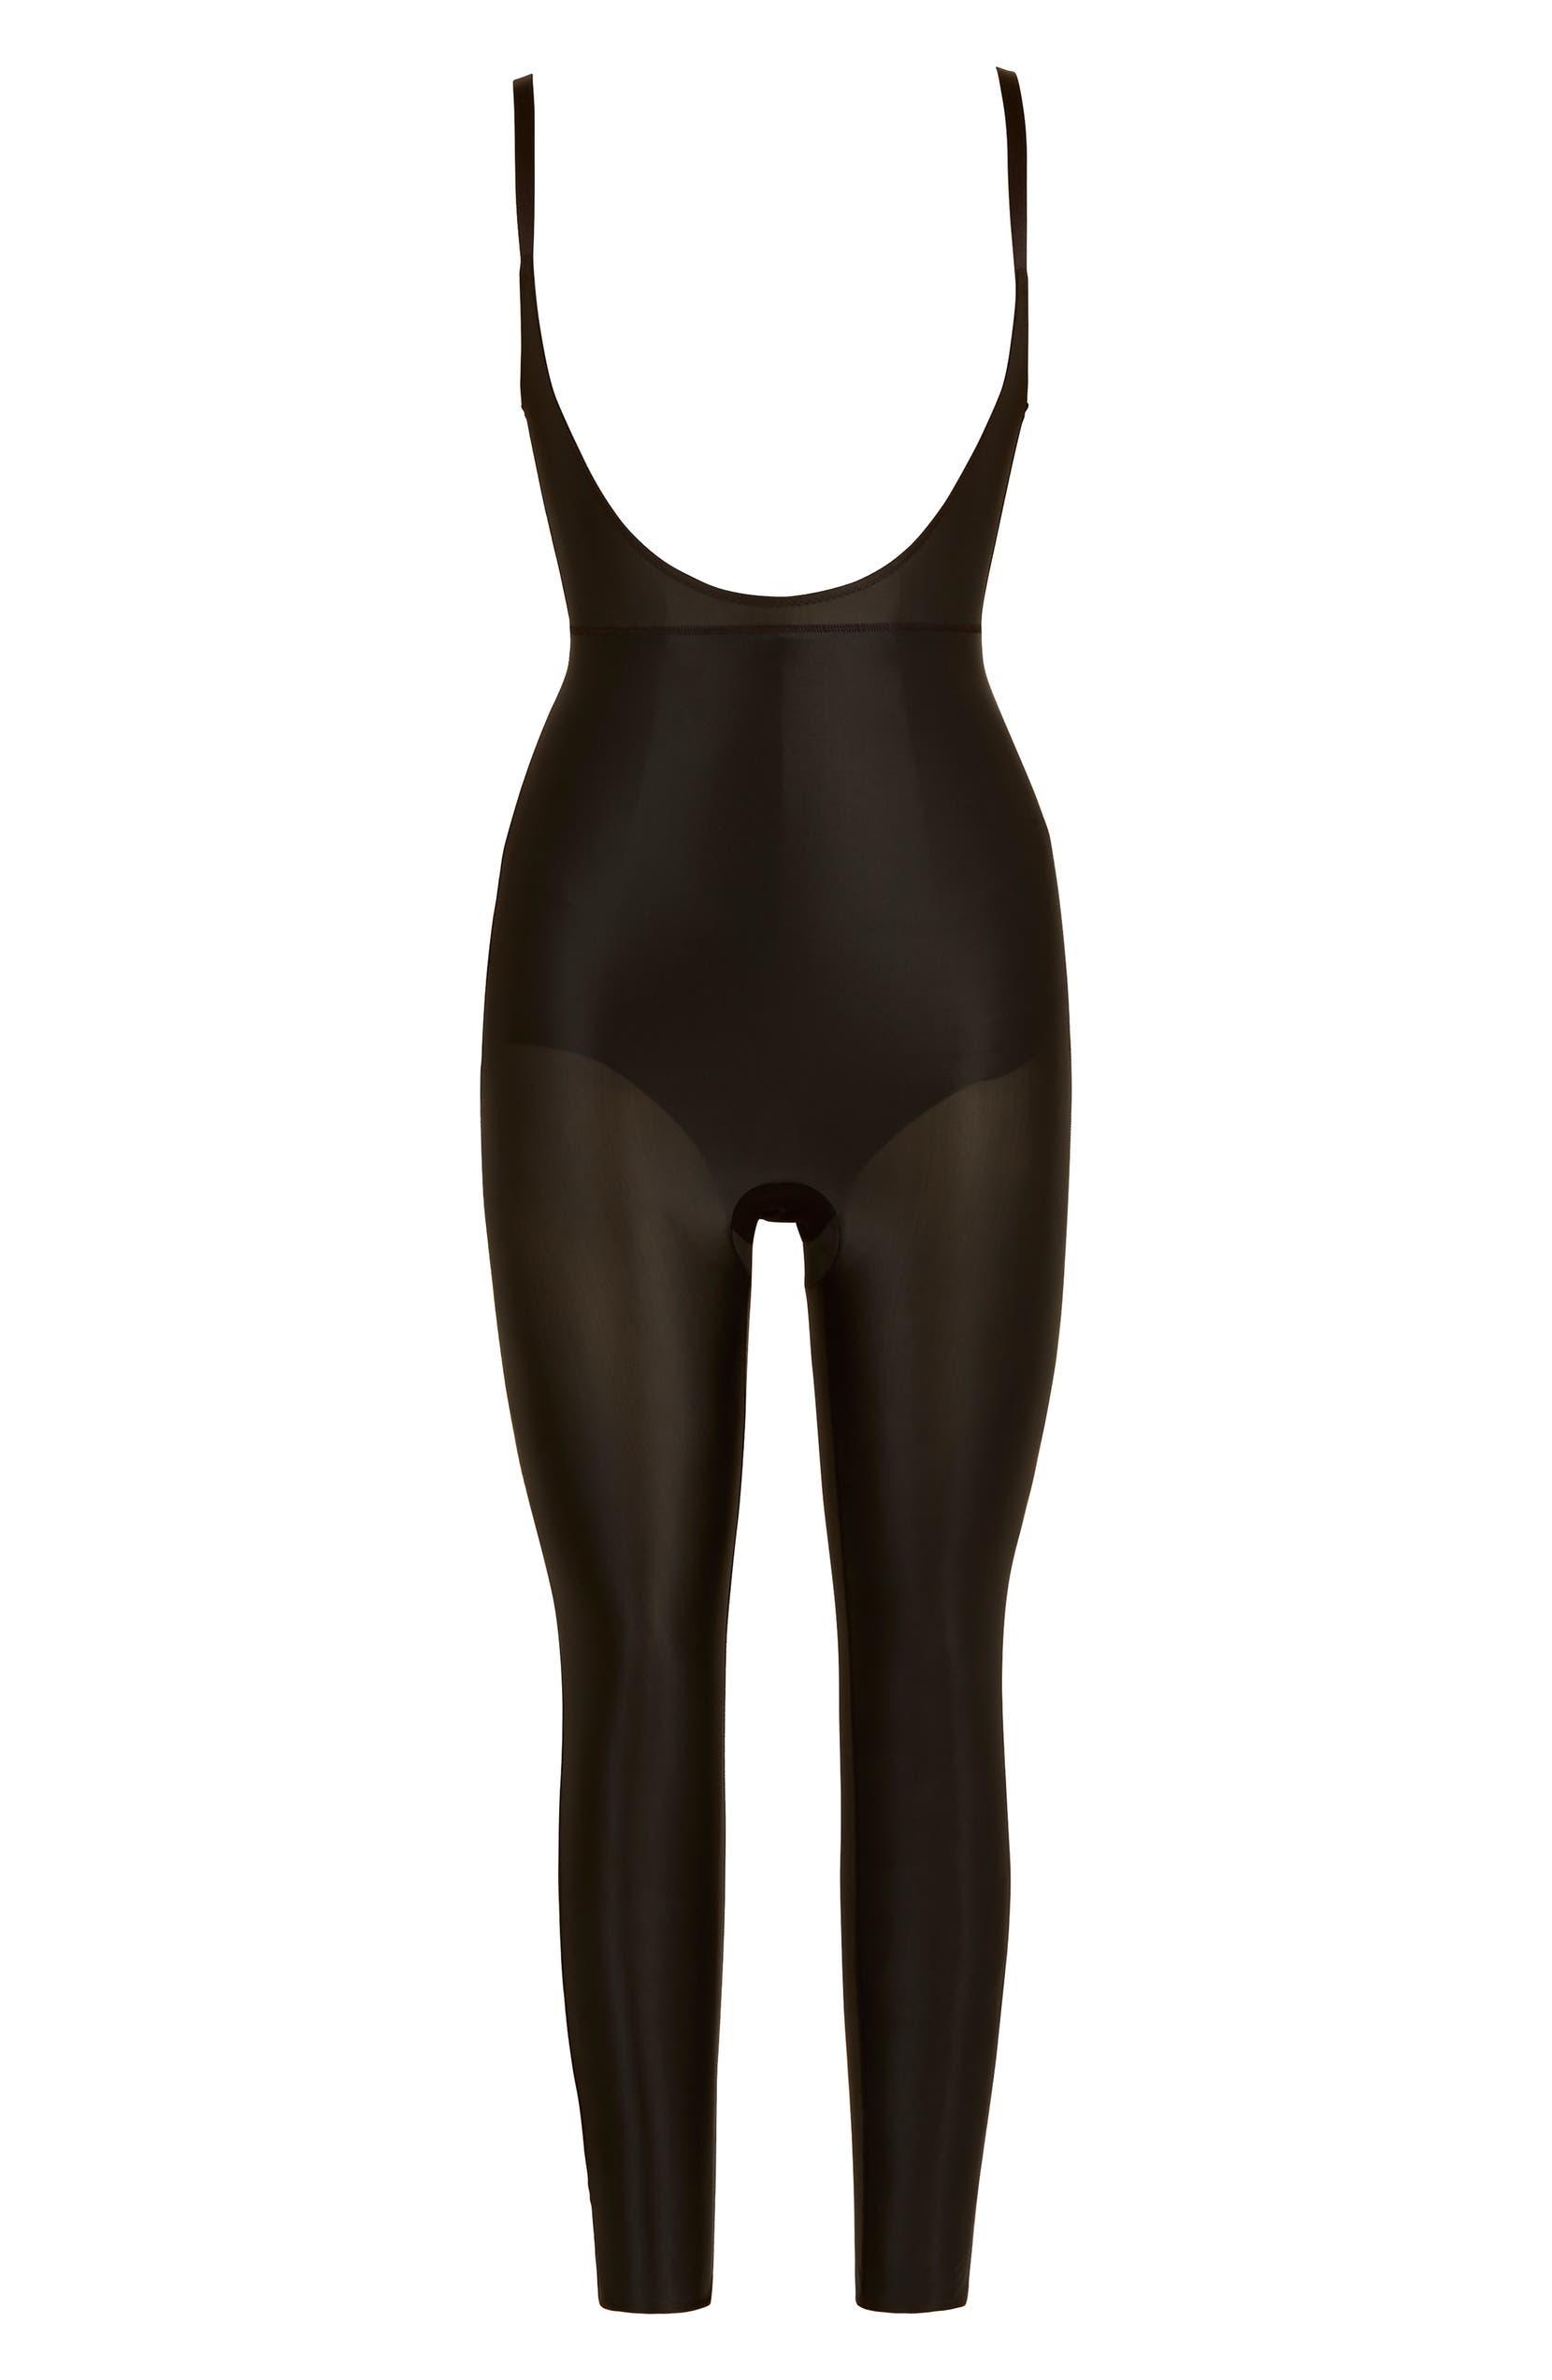 31e5df3a676 SPANX® Suit Your Fancy Open-Bust Shaper Catsuit